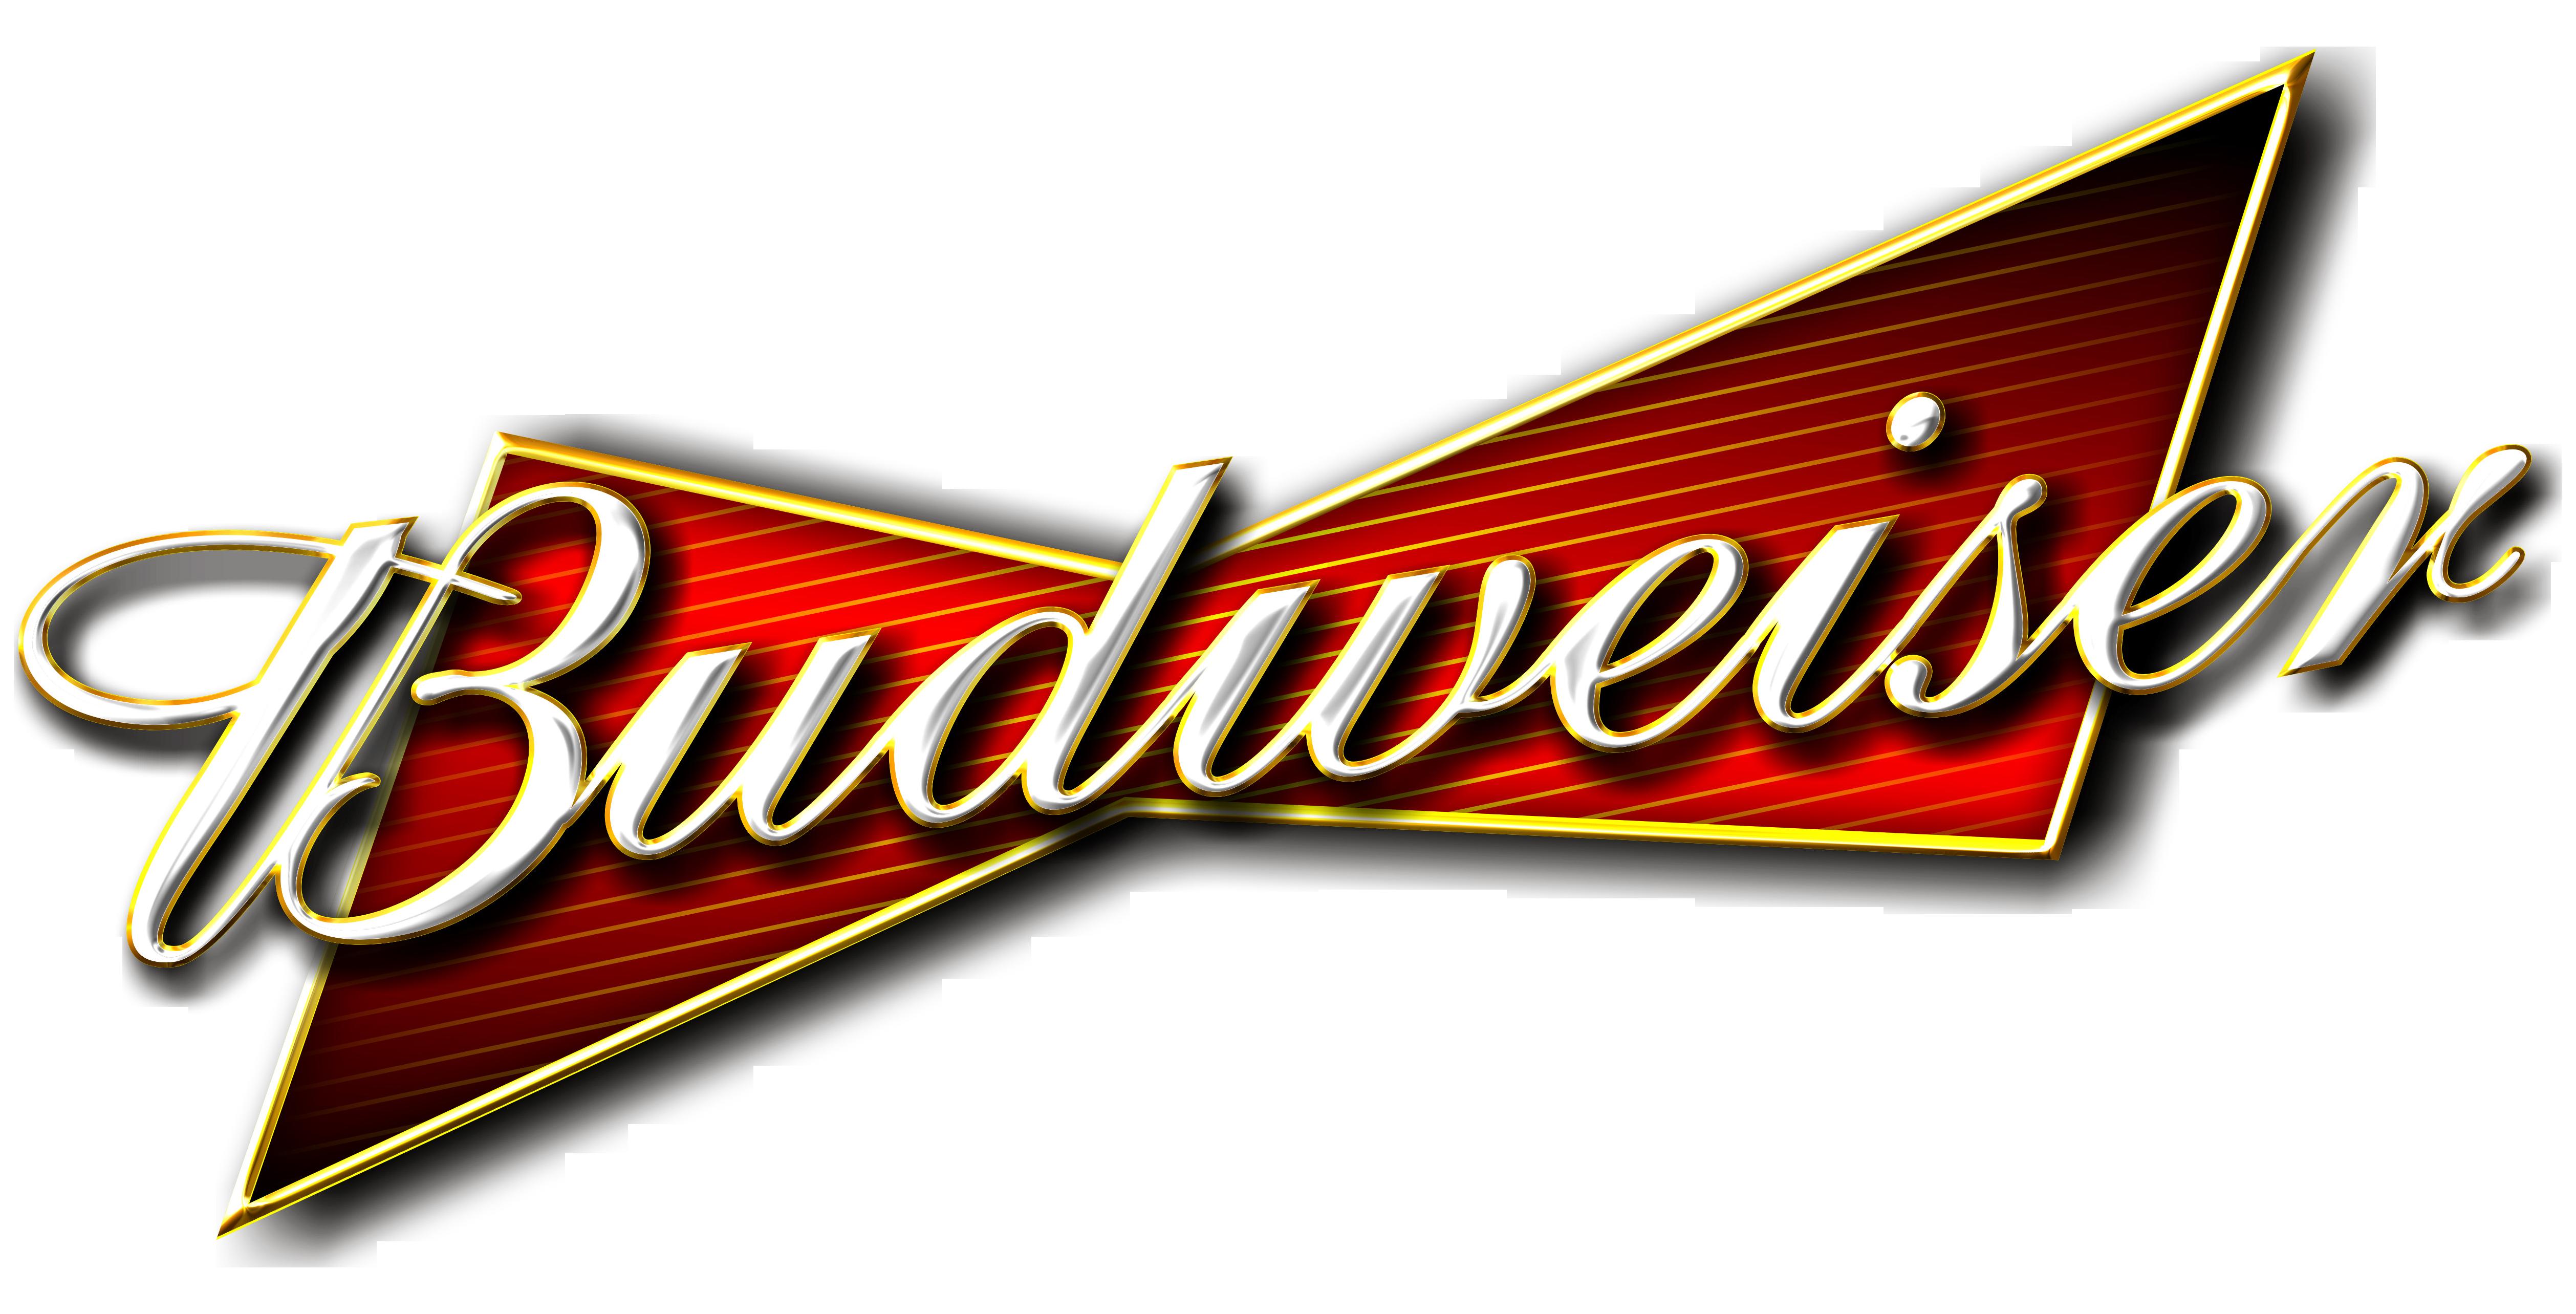 budweiser logo hd png #1504